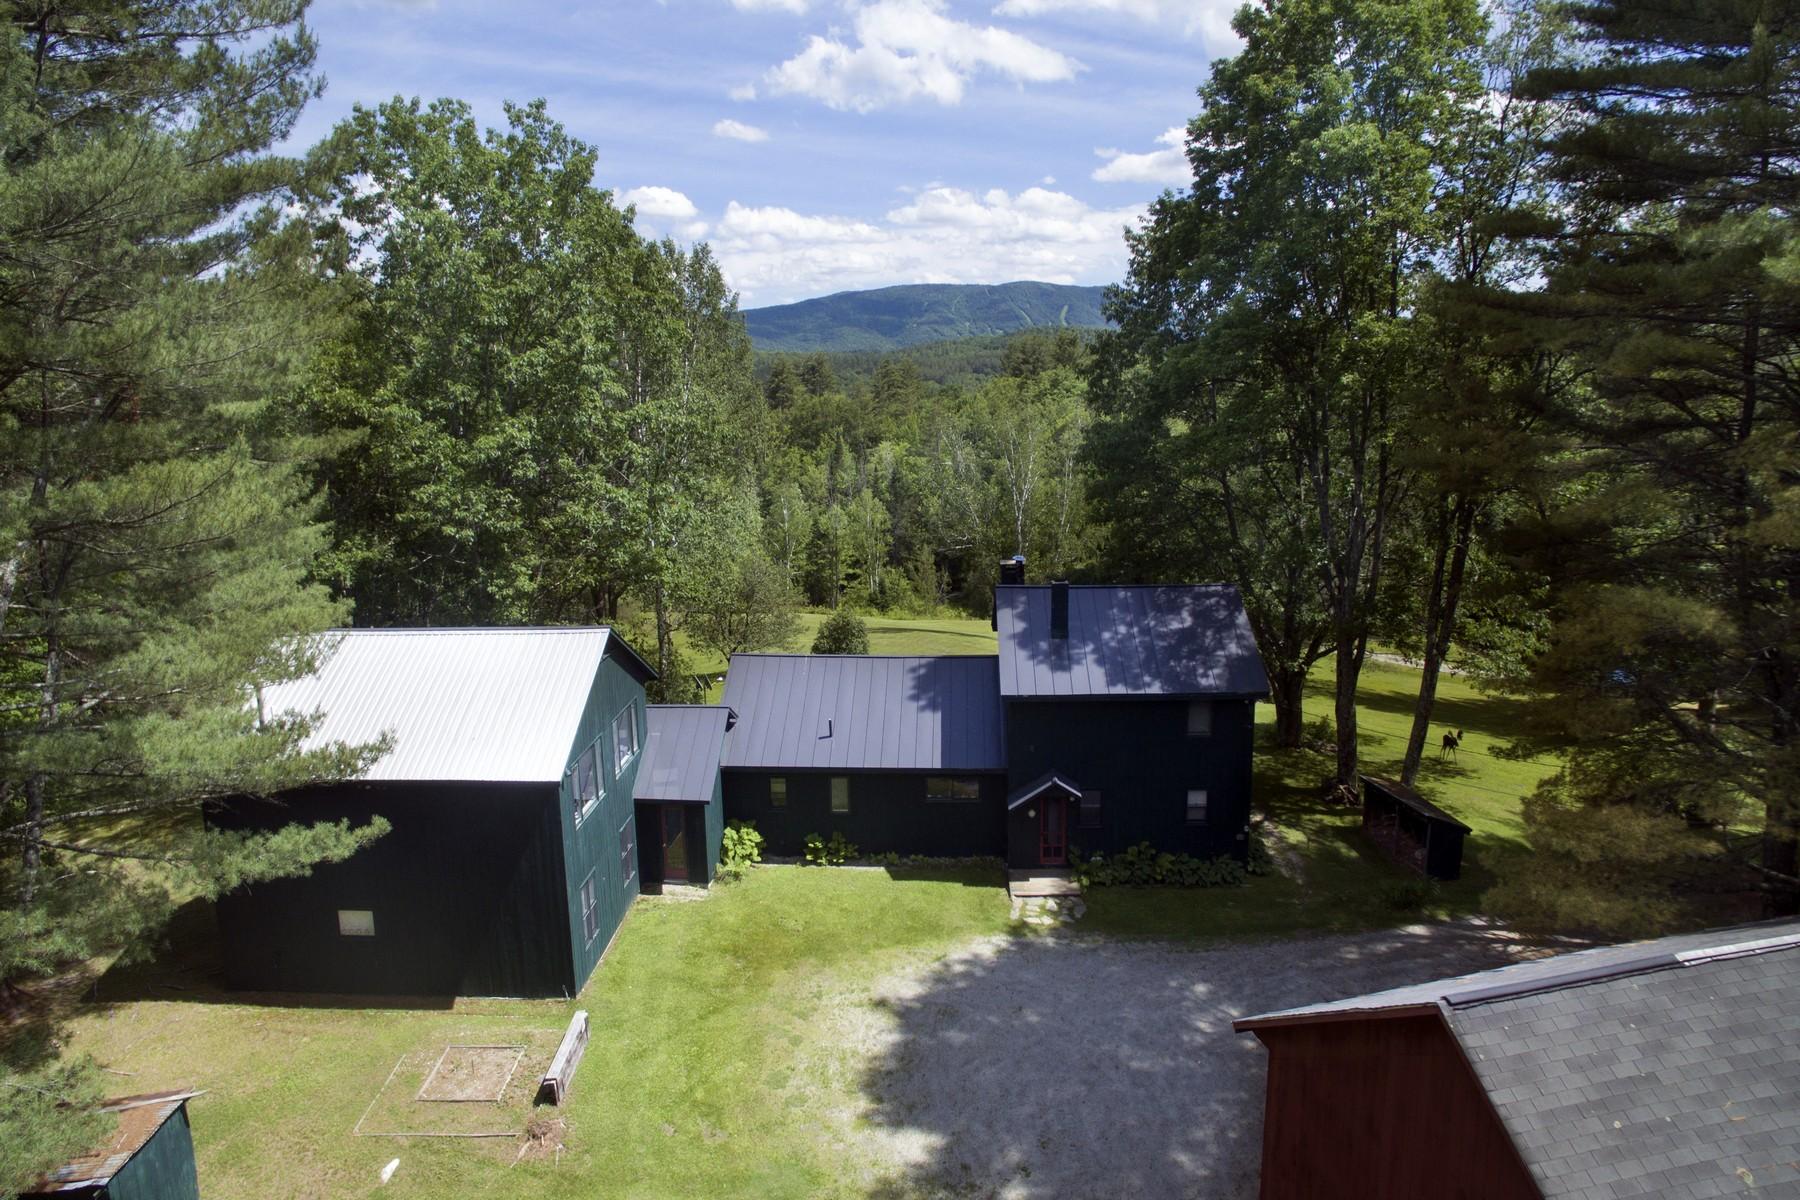 Частный односемейный дом для того Продажа на Weston Country Property 2 Route 100, Weston, Вермонт, 05161 Соединенные Штаты